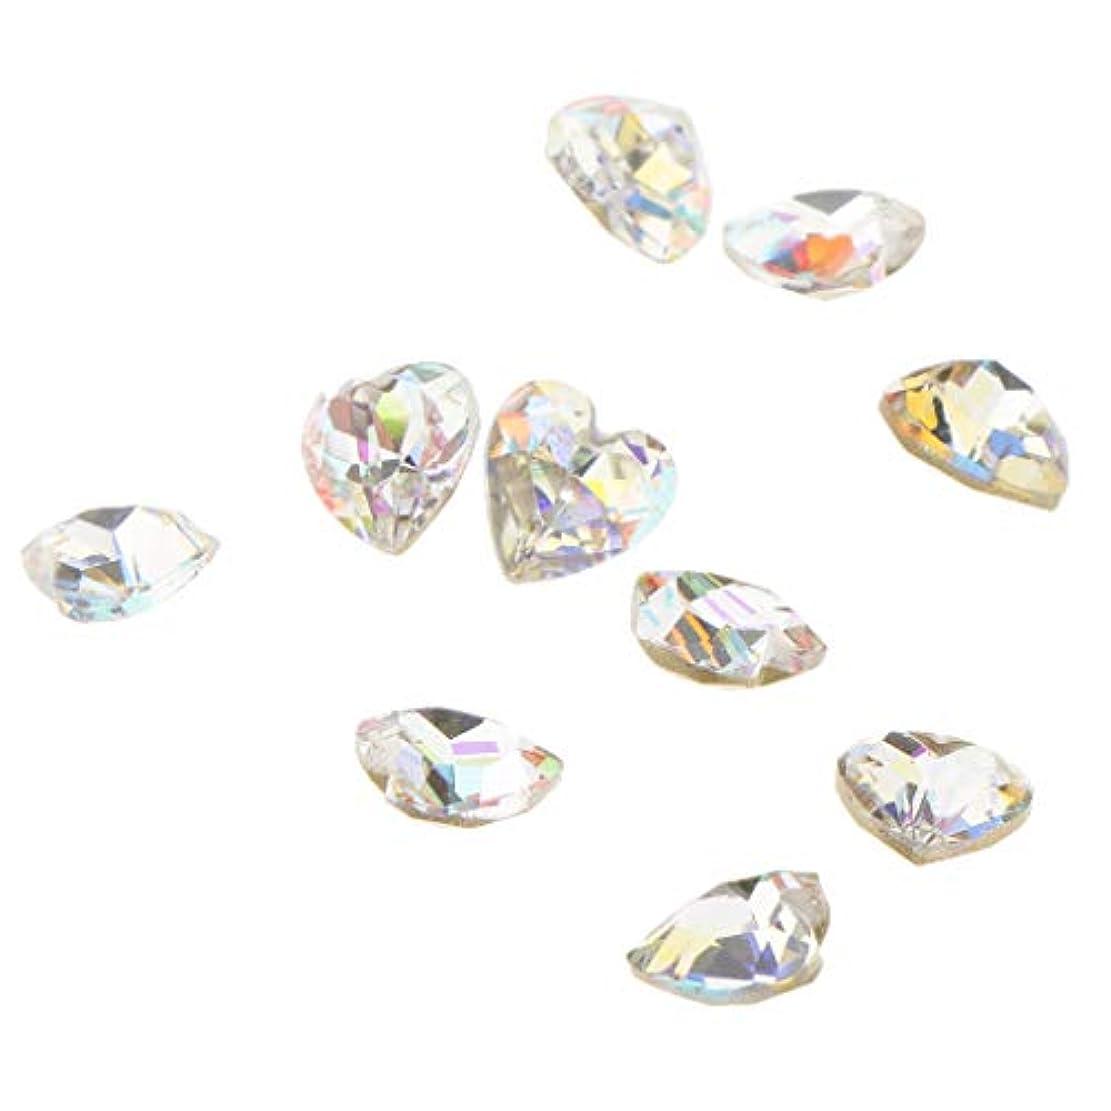 狂信者ローマ人サーキットに行く10個ネイルアート3Dブリンブリンガラスダイヤモンドのヒント装飾美容ネイルチャーム - ハート1